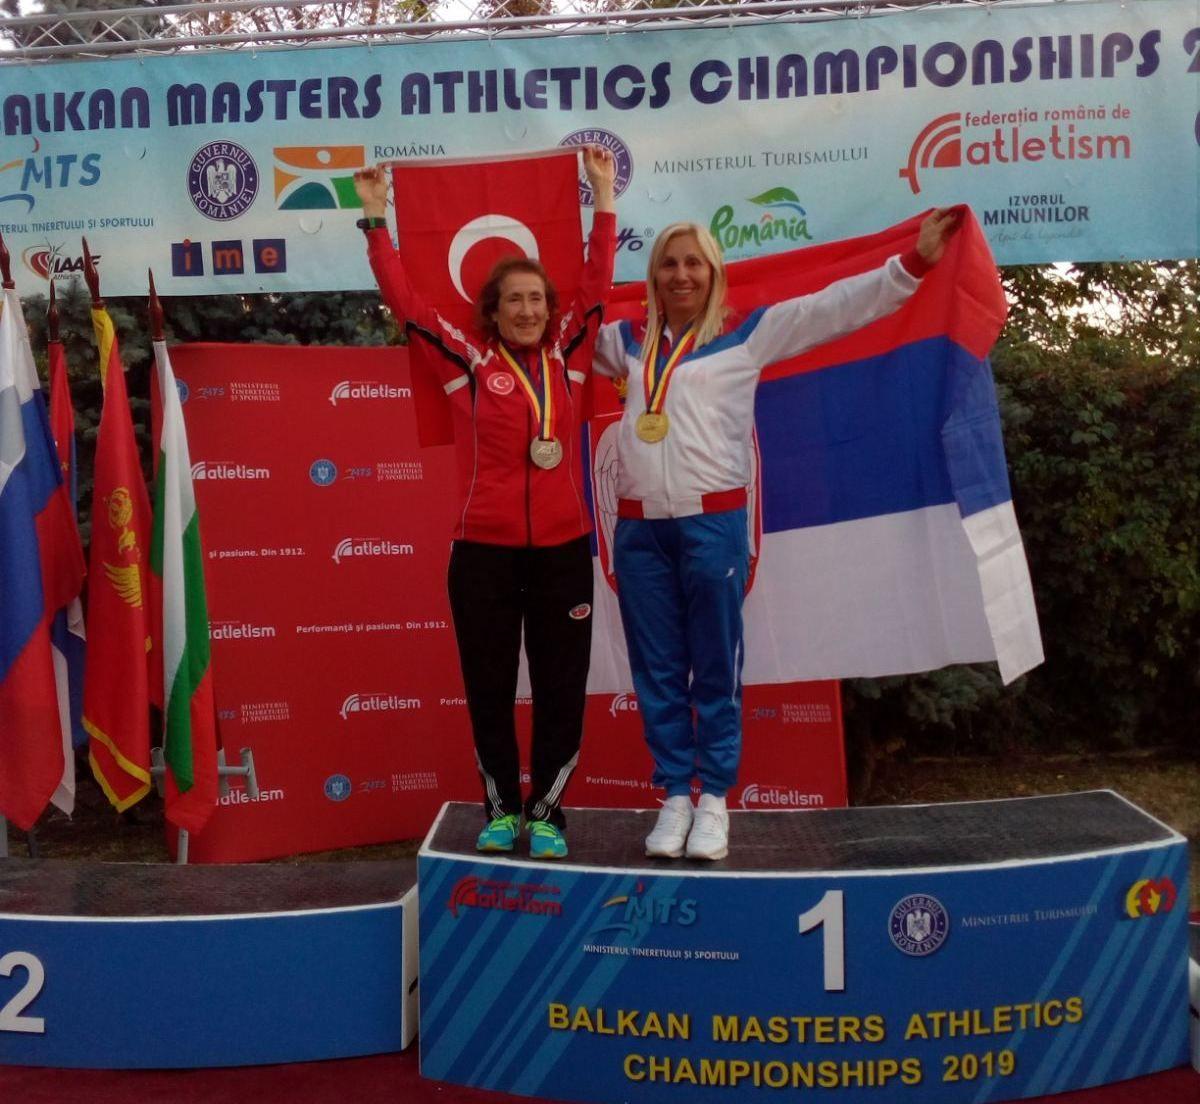 Најбржа ветеранка на Балкану